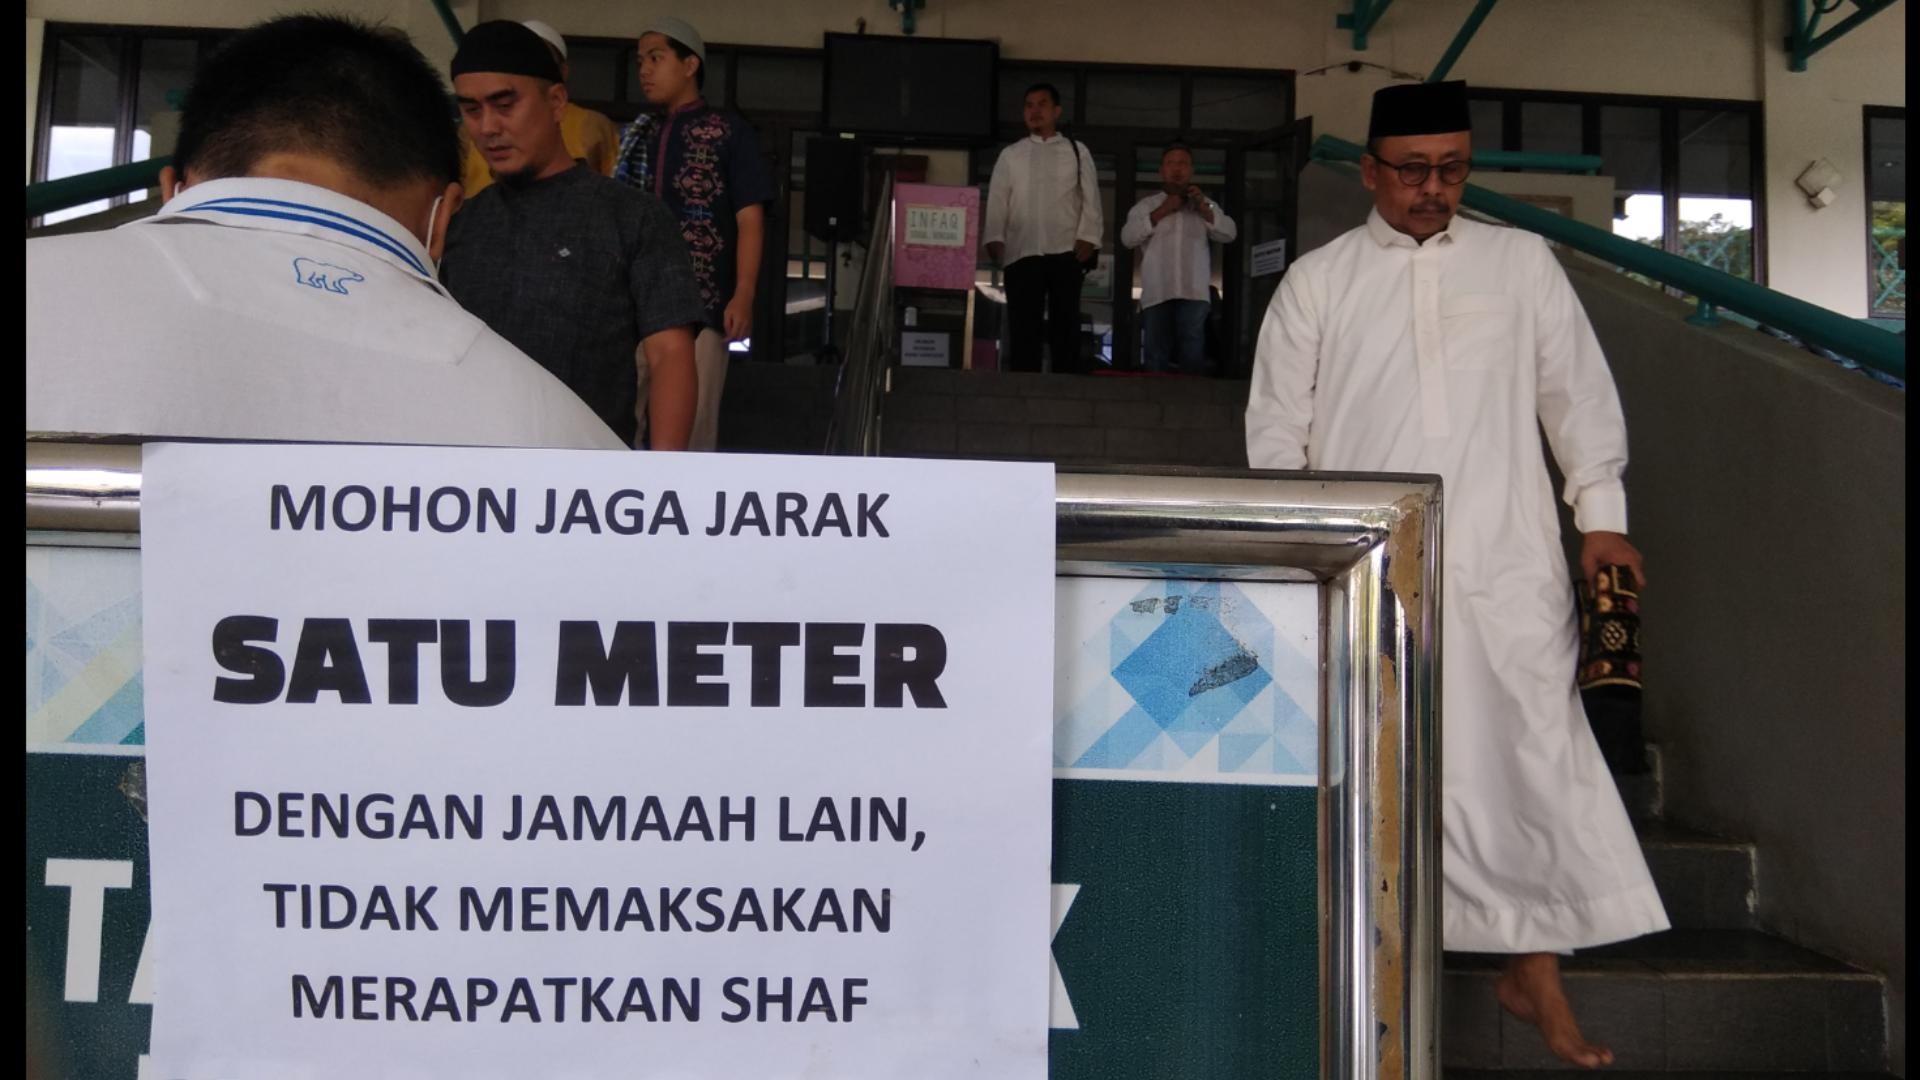 Jaga Jarak Satu Meter Hindari Virus, Masjid Asy Syarif BSD